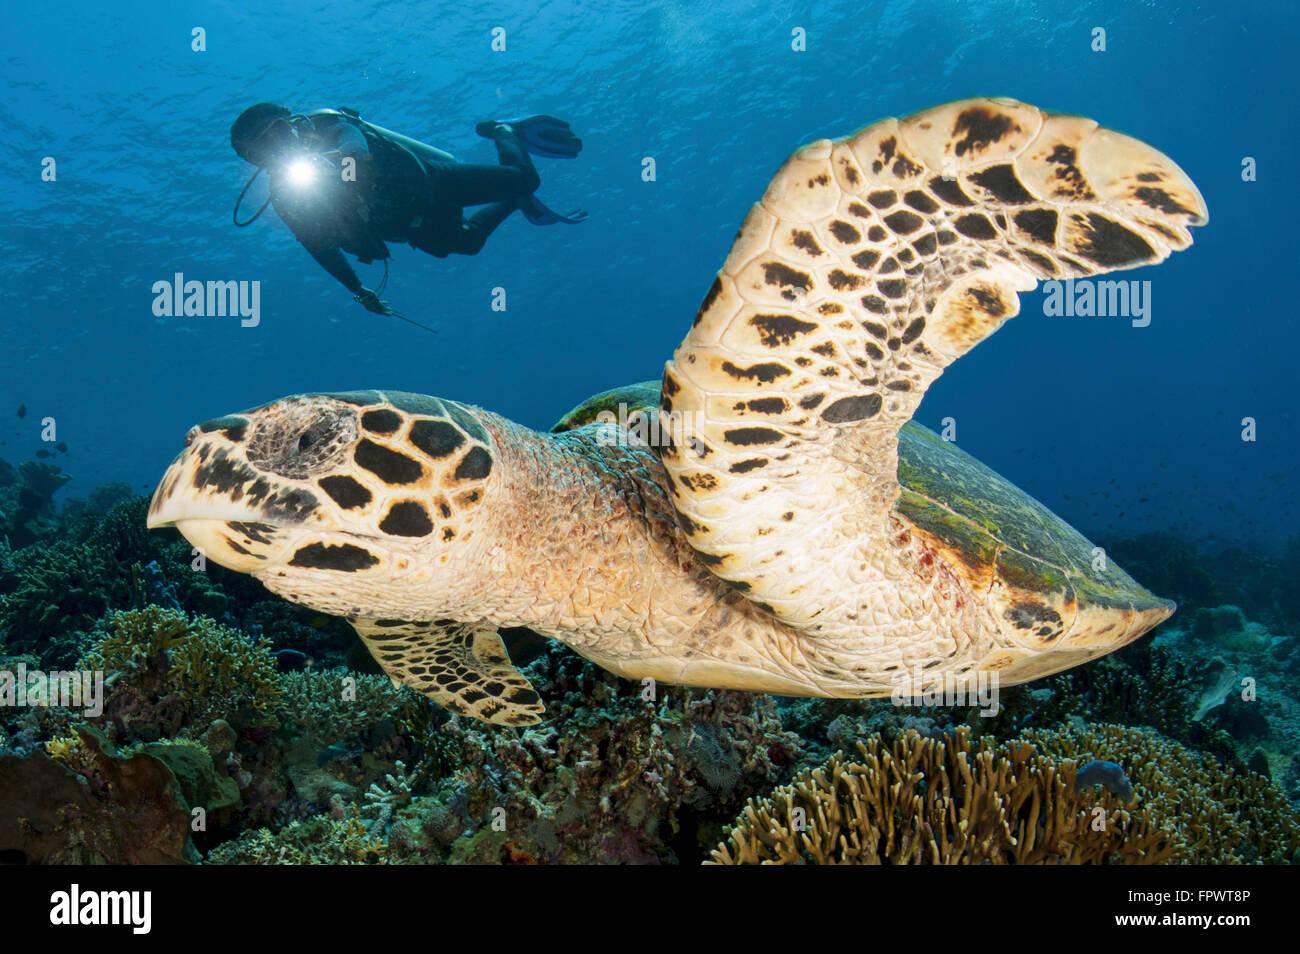 Un plongeur nage sur un récif de Komodo avec une tortue imbriquée tortue de mer au large de l'Indonésie. Banque D'Images